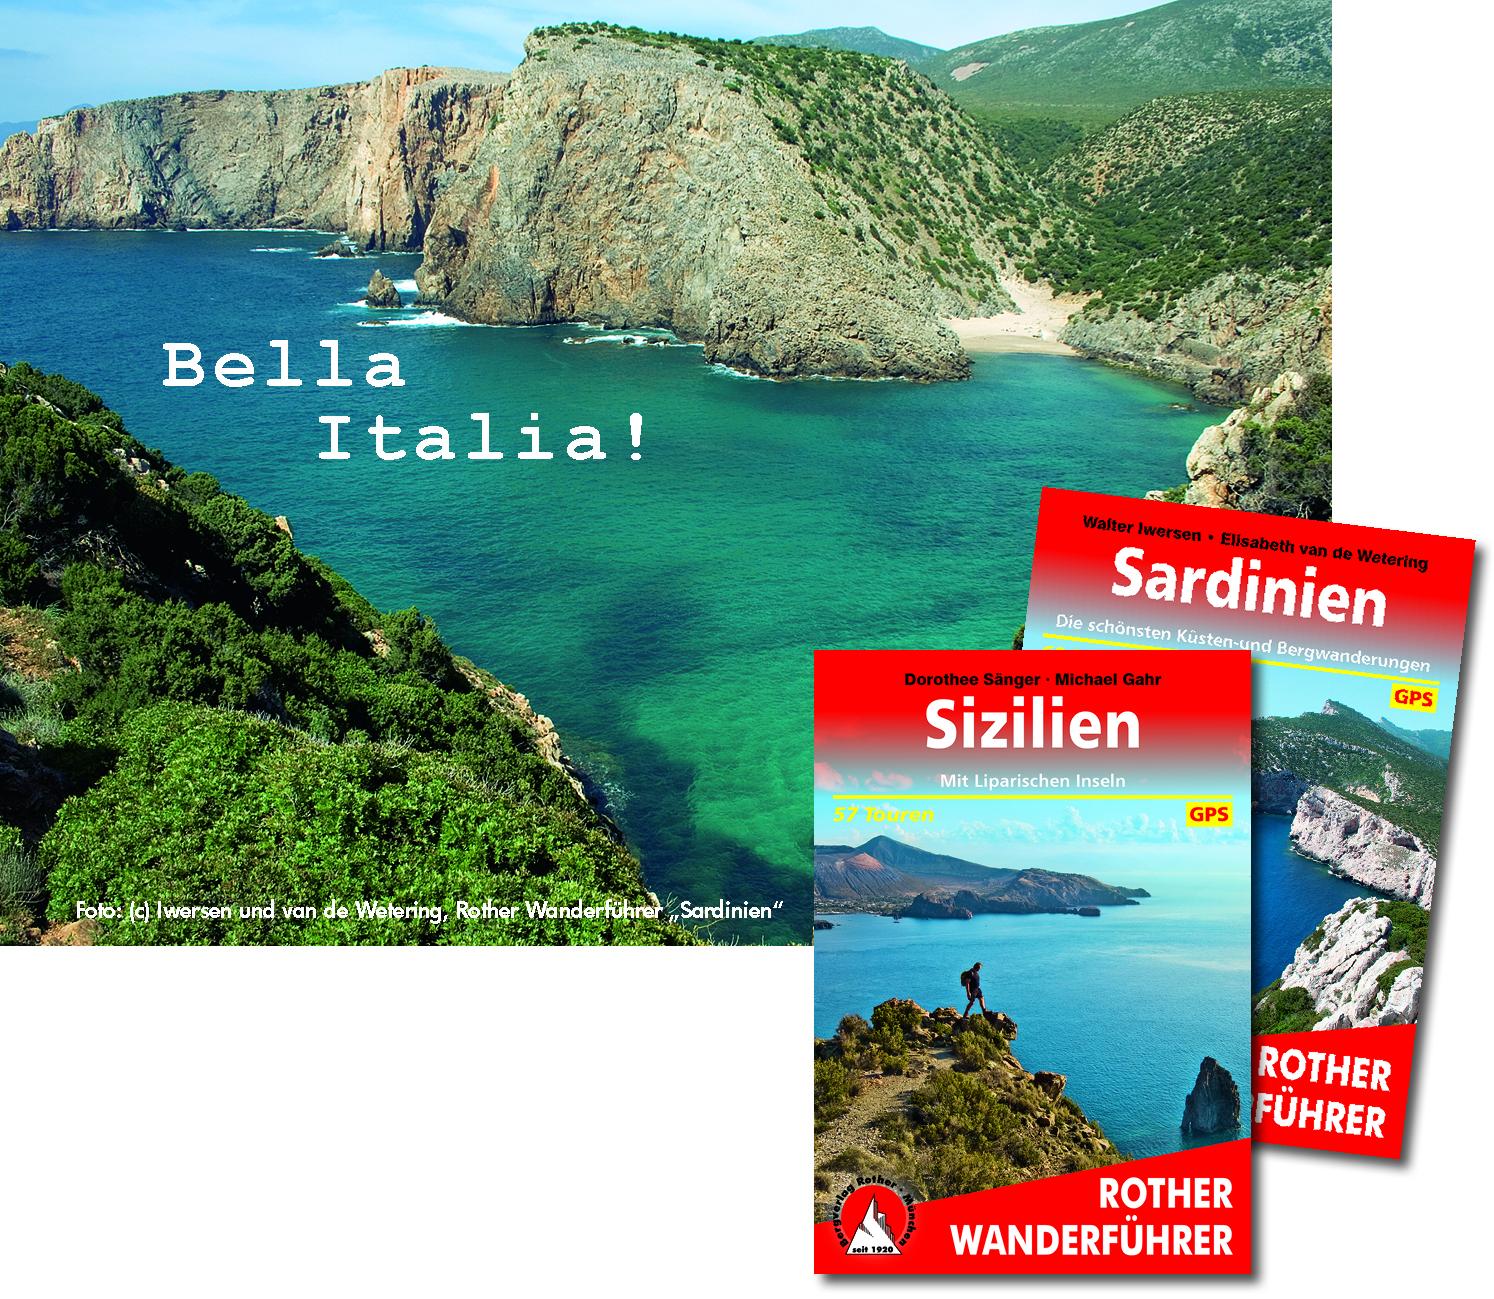 Sardinien_Bild